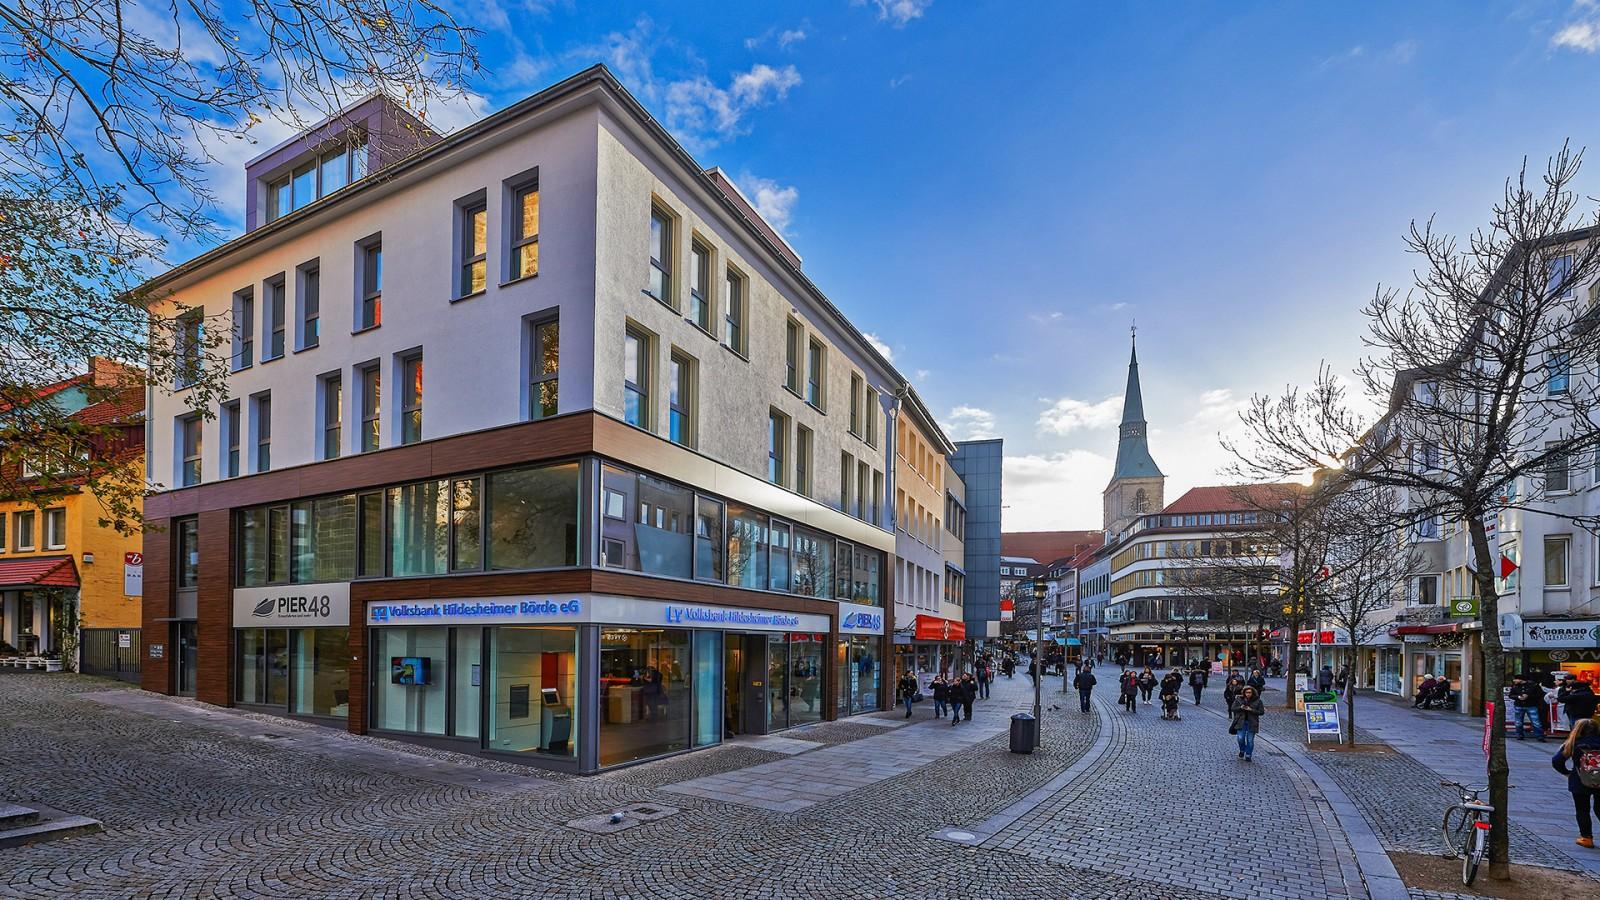 Filiale der Volksbank Hildesheimer Börde